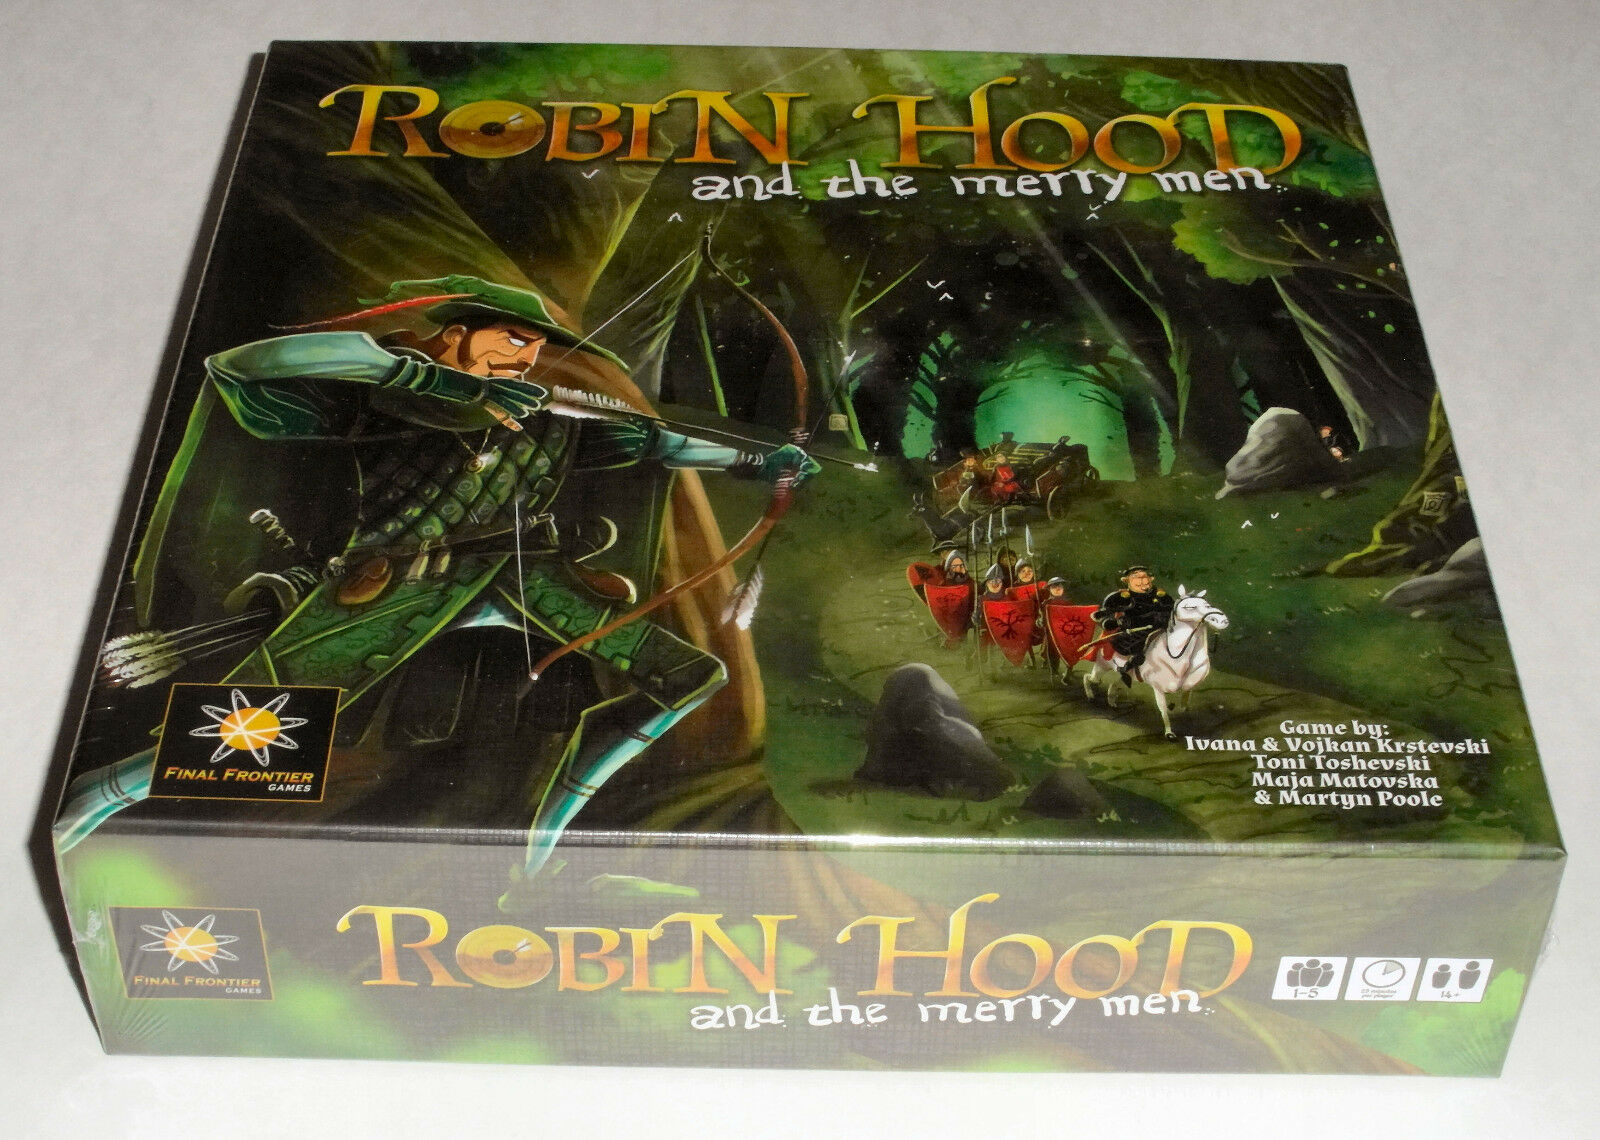 Robin Hood e i Merry Men (Deluxe Kickestrellater edizione) Monete mettuttiiche - 2018